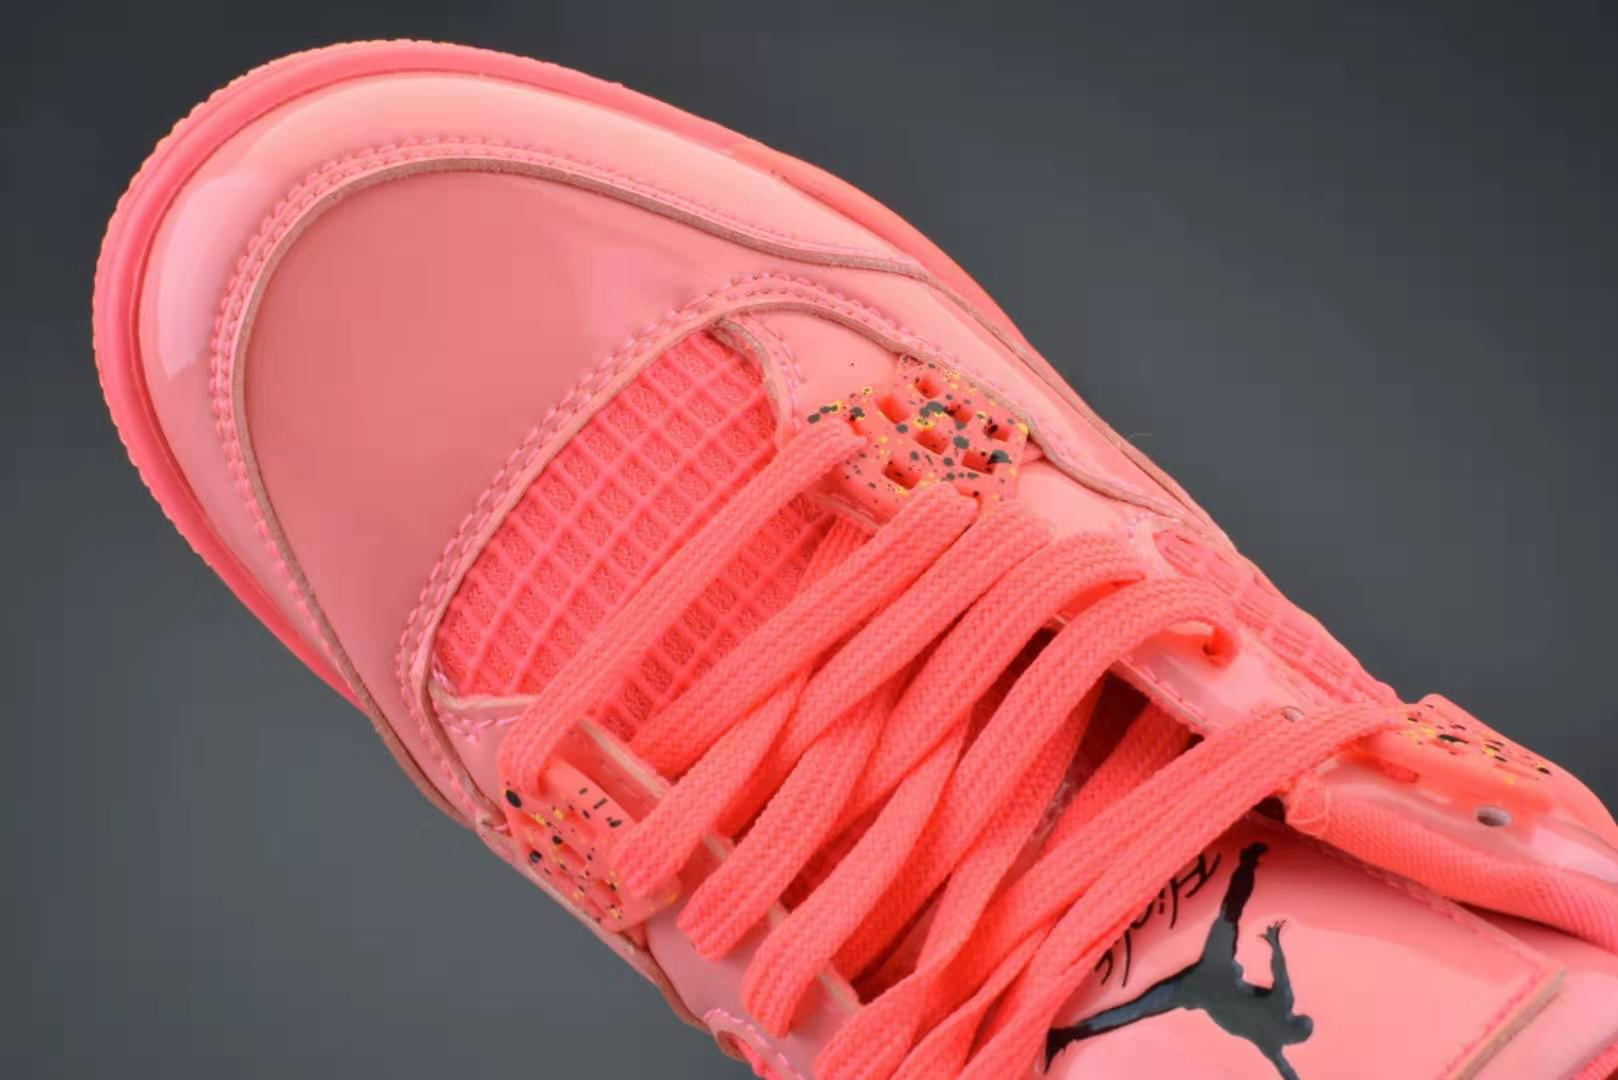 耐克 Nike Air Jordan 4 Retro NRG AJ4 粉红糖果 漆皮镜面篮球鞋/女鞋